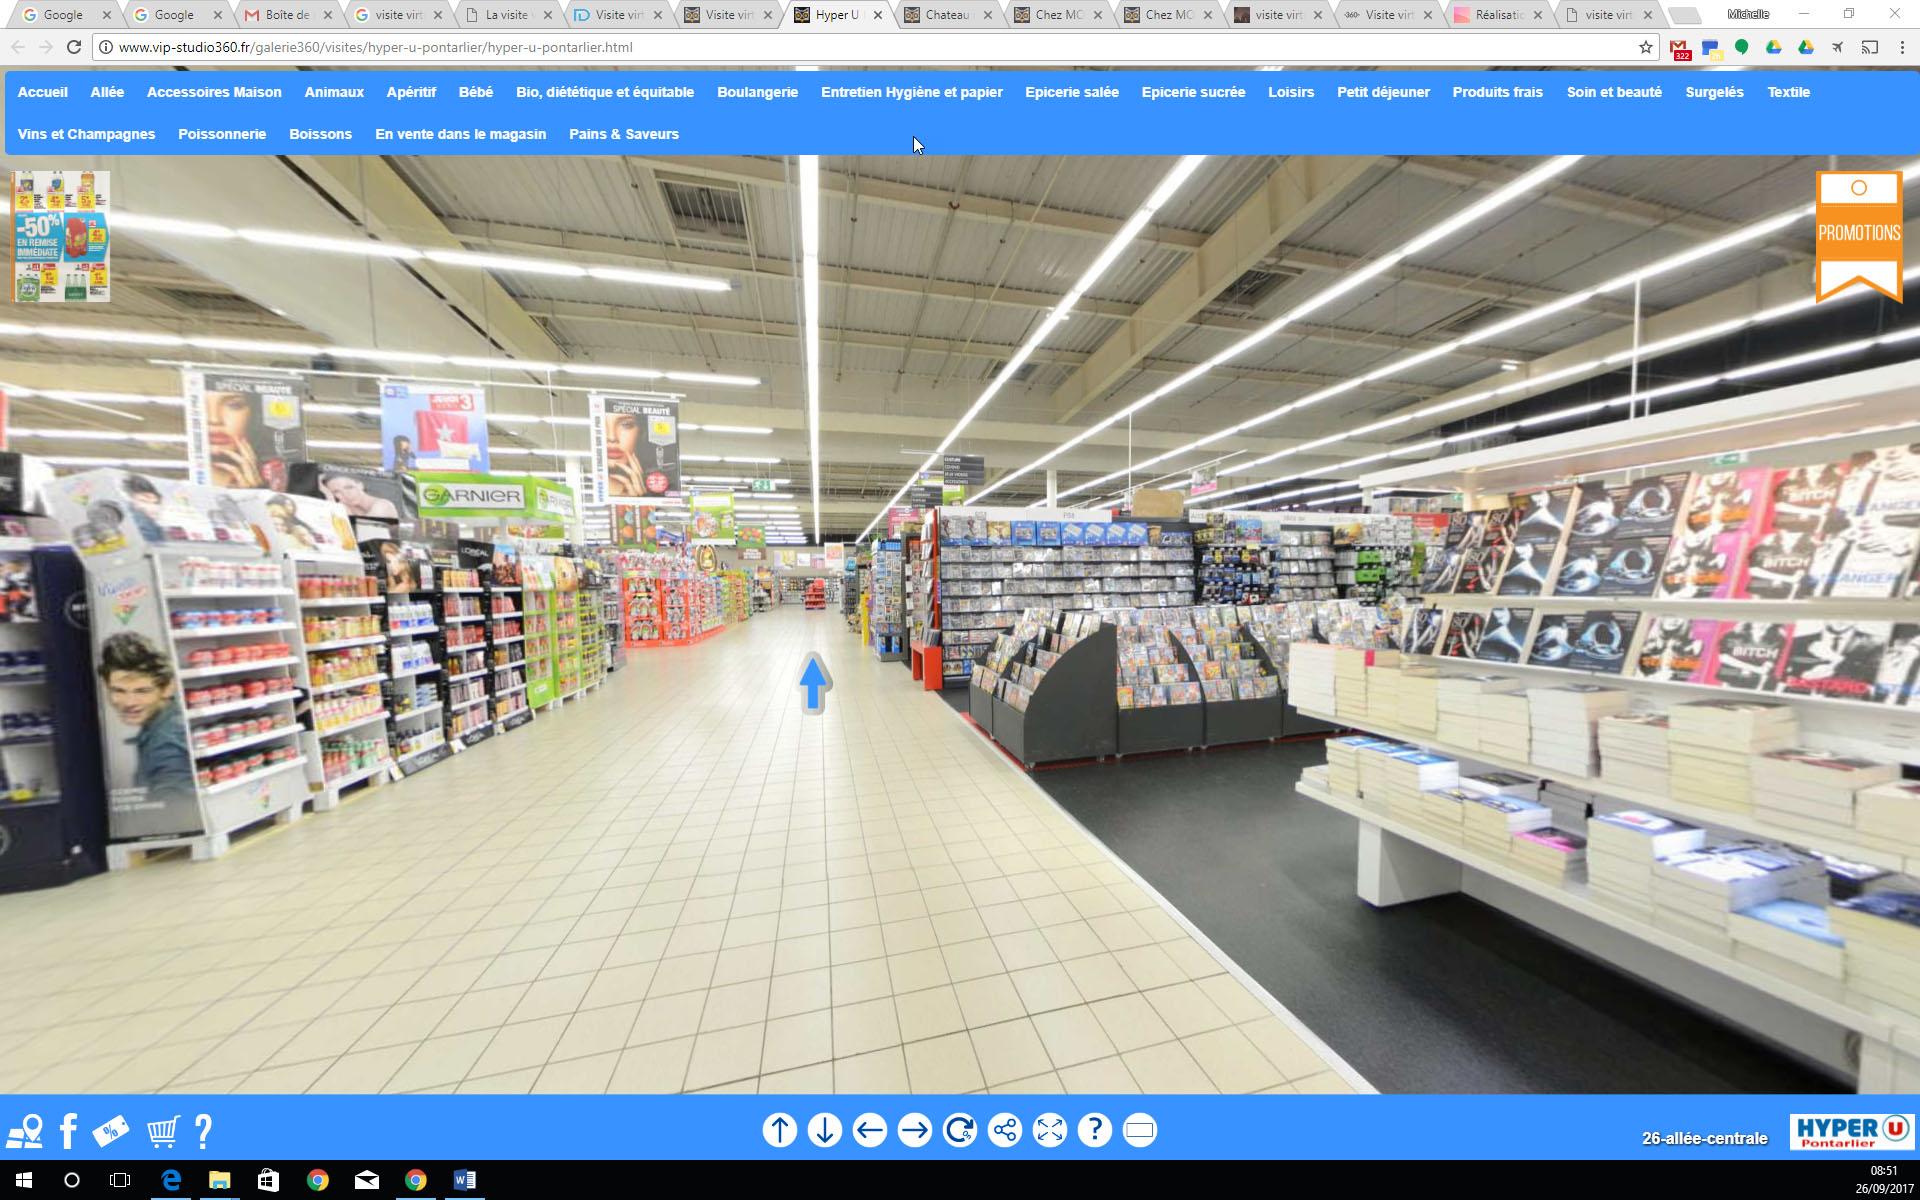 11-10-17ArticleVideo360_Image01 Qu'est-ce que la vidéo 360° ?